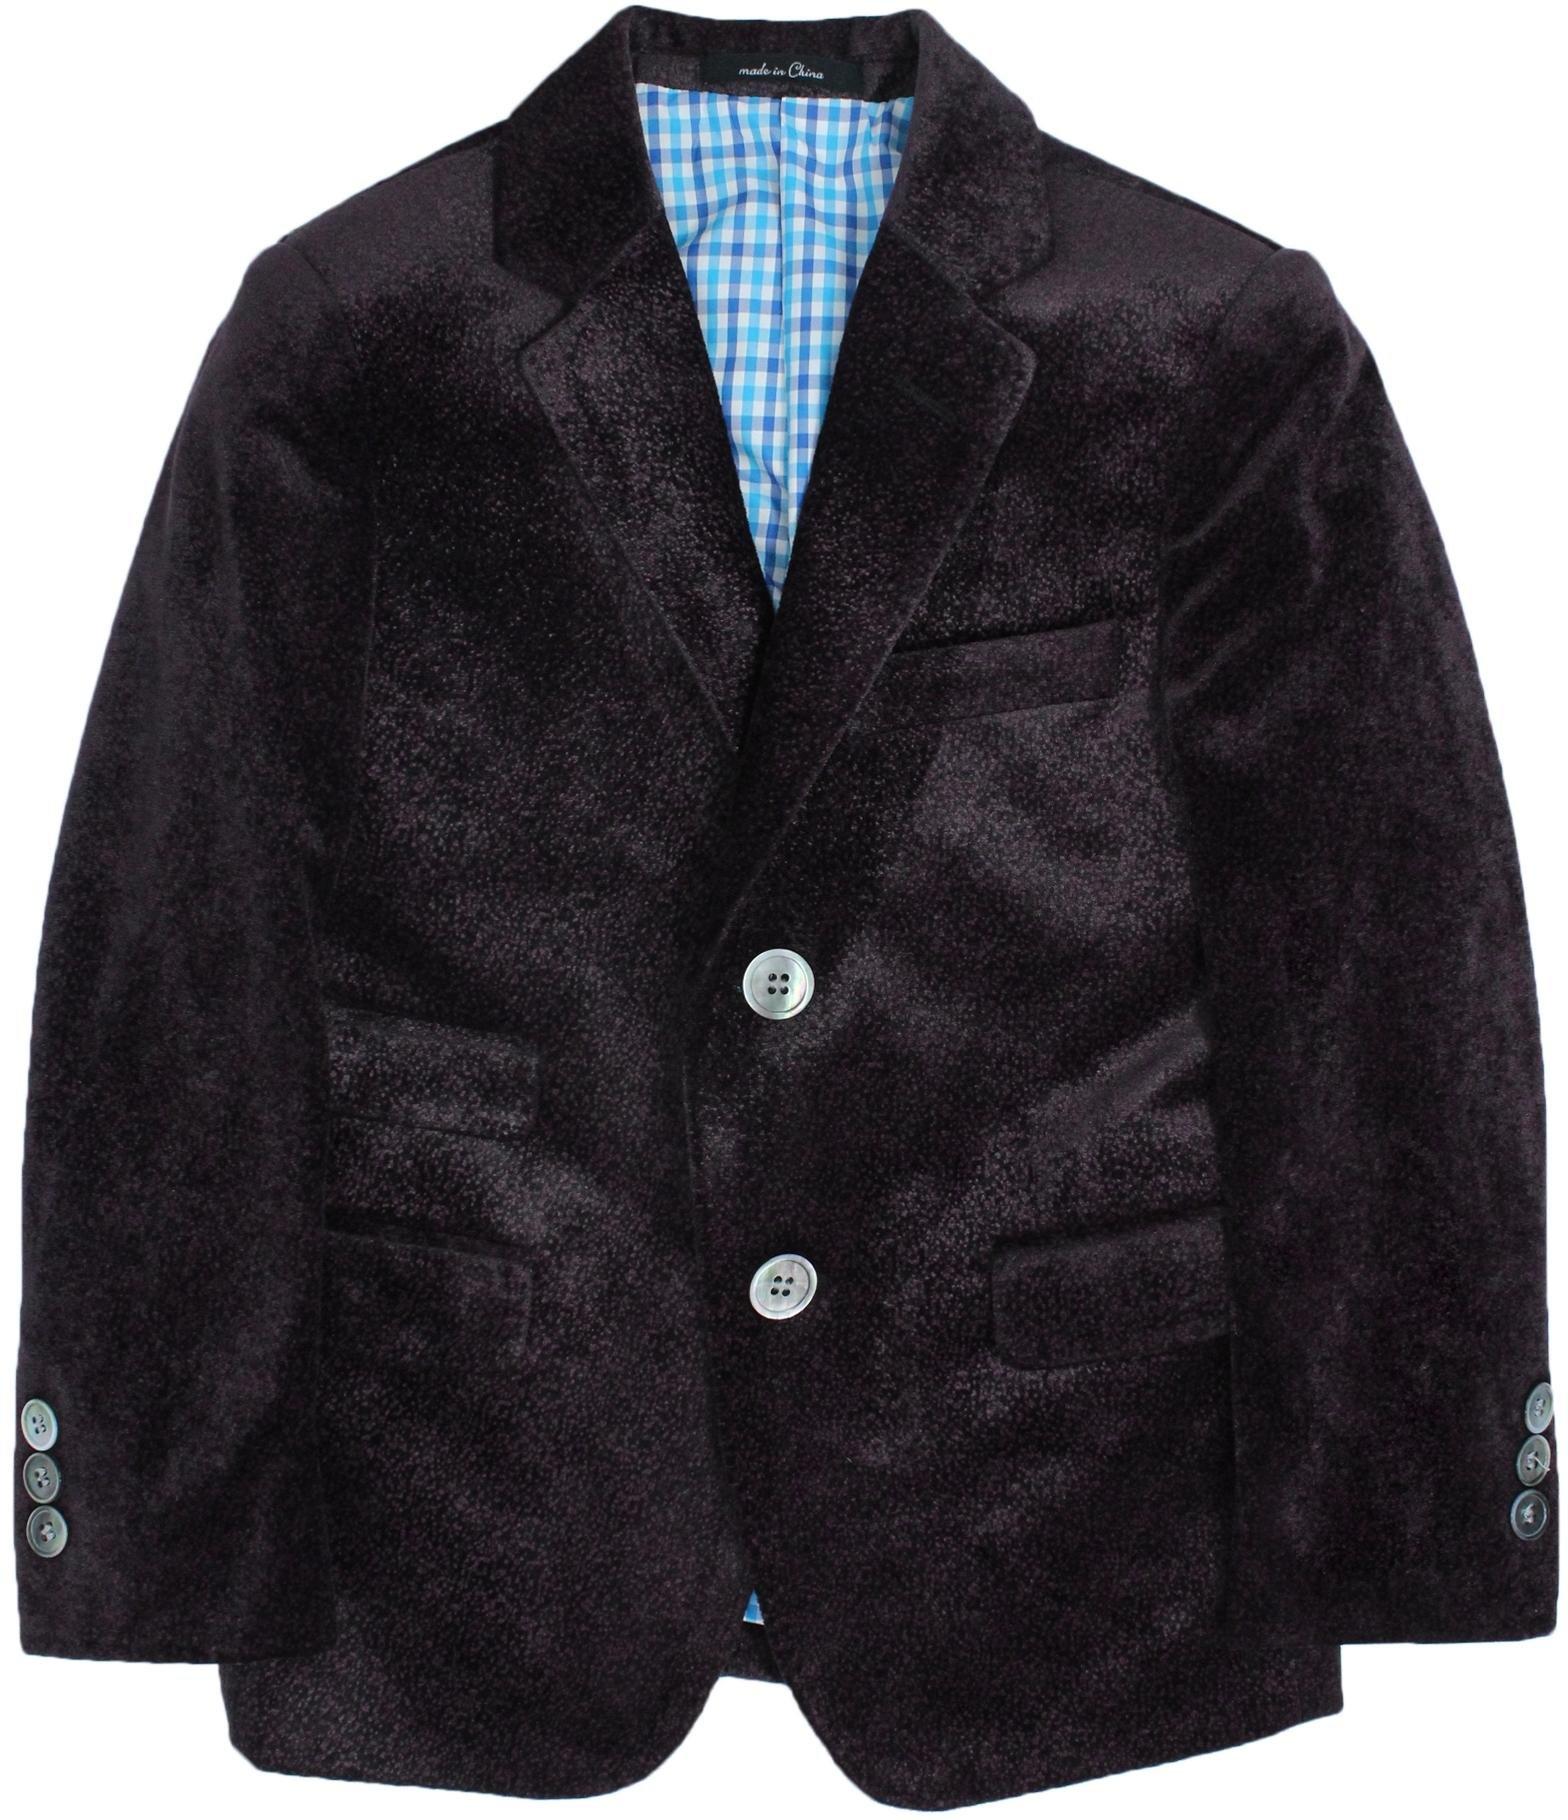 T.O. Collection Boys Burgundy Slim Fit Velvet Blazer - 6005-29 - Burgundy, 10 Slim by T.O. Collection